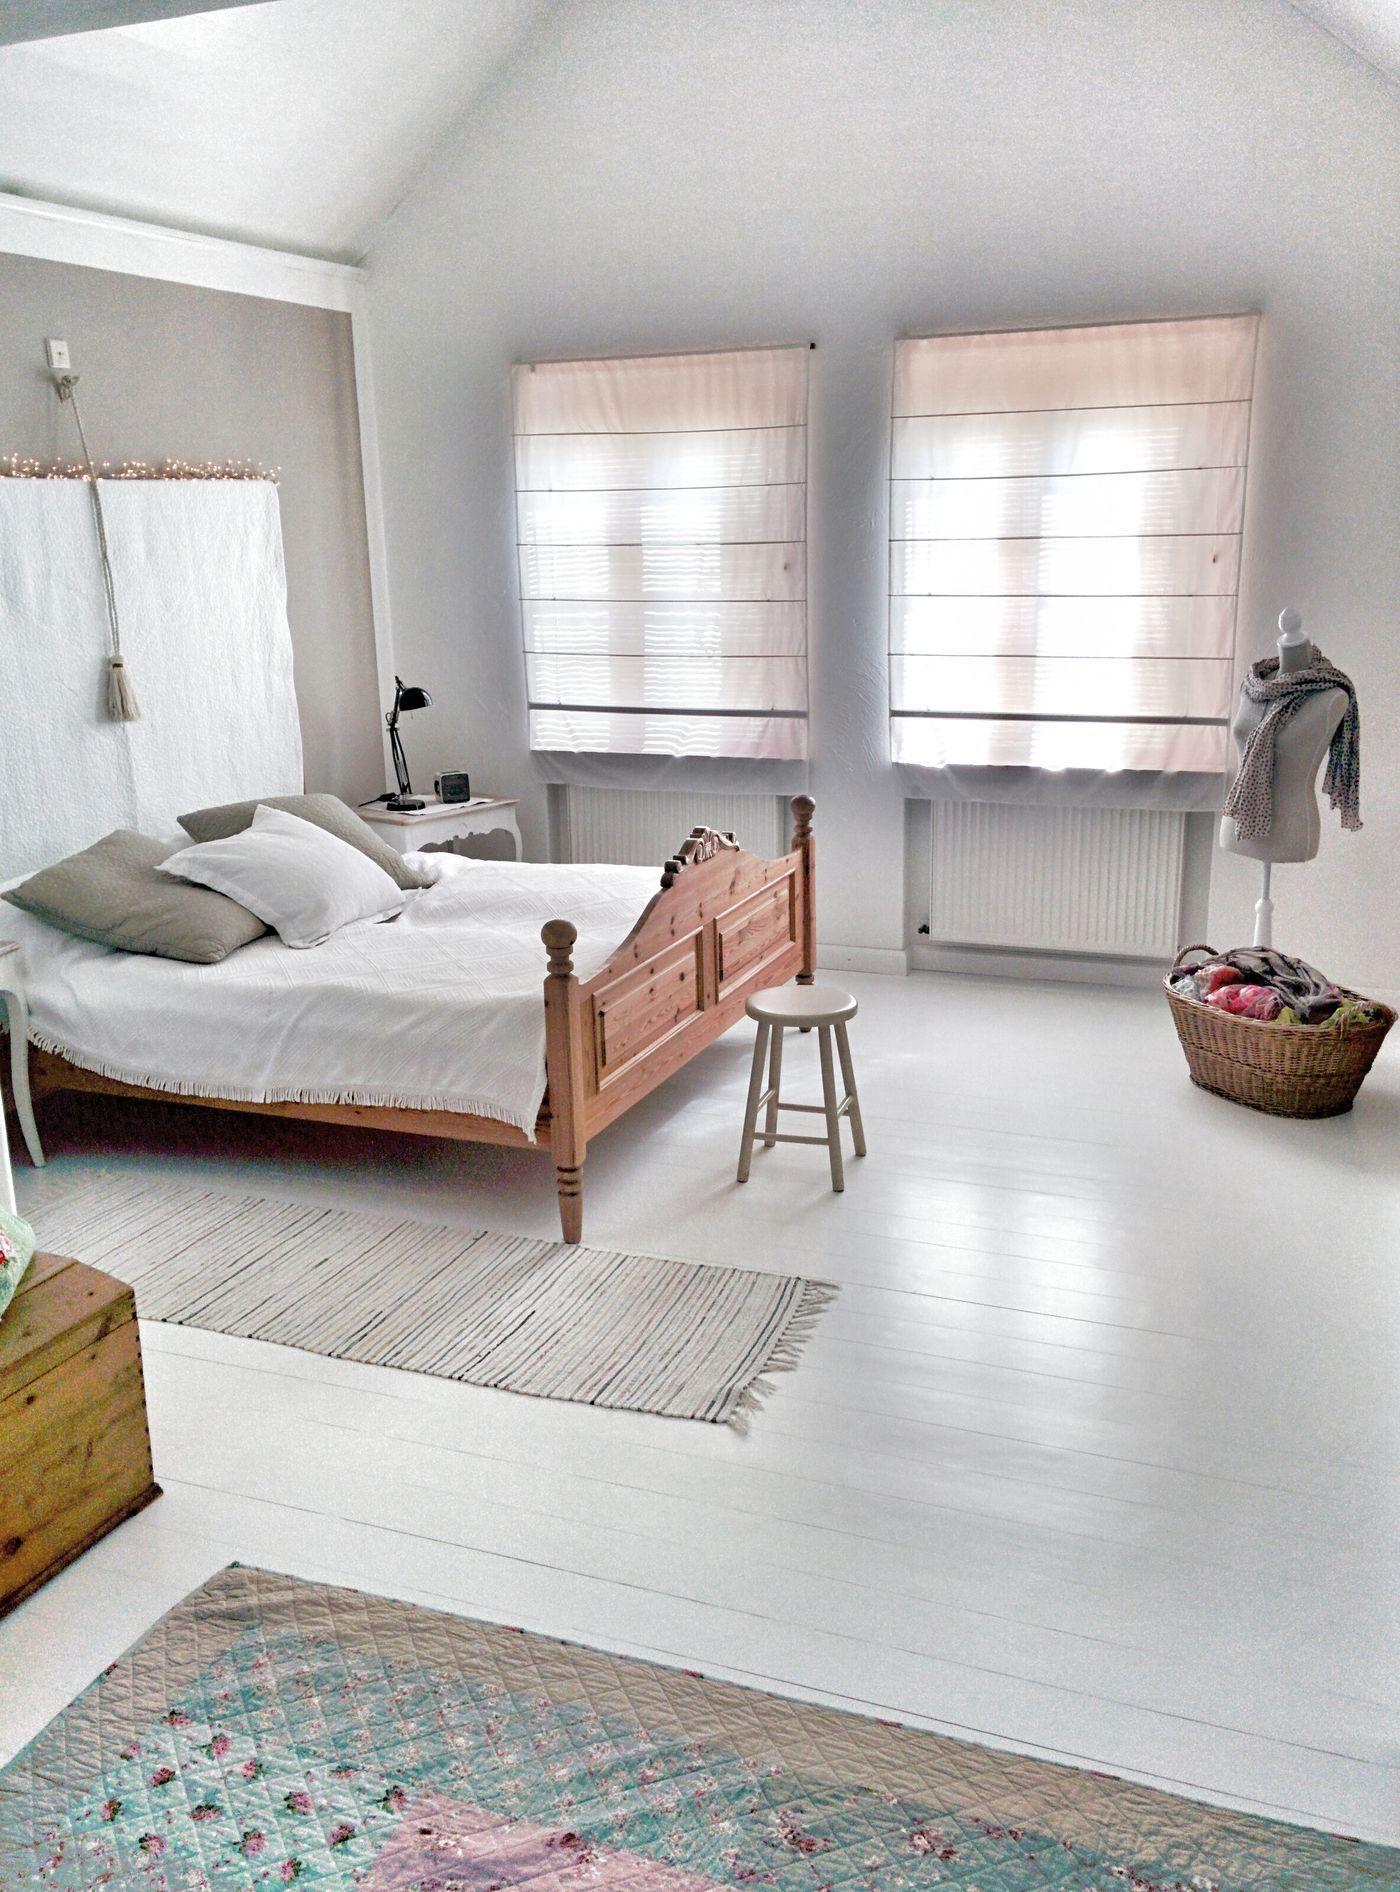 Schlafzimmer Im Shabby Style | Shabby Chic Schlafzimmer Einrichten Und Dekorieren